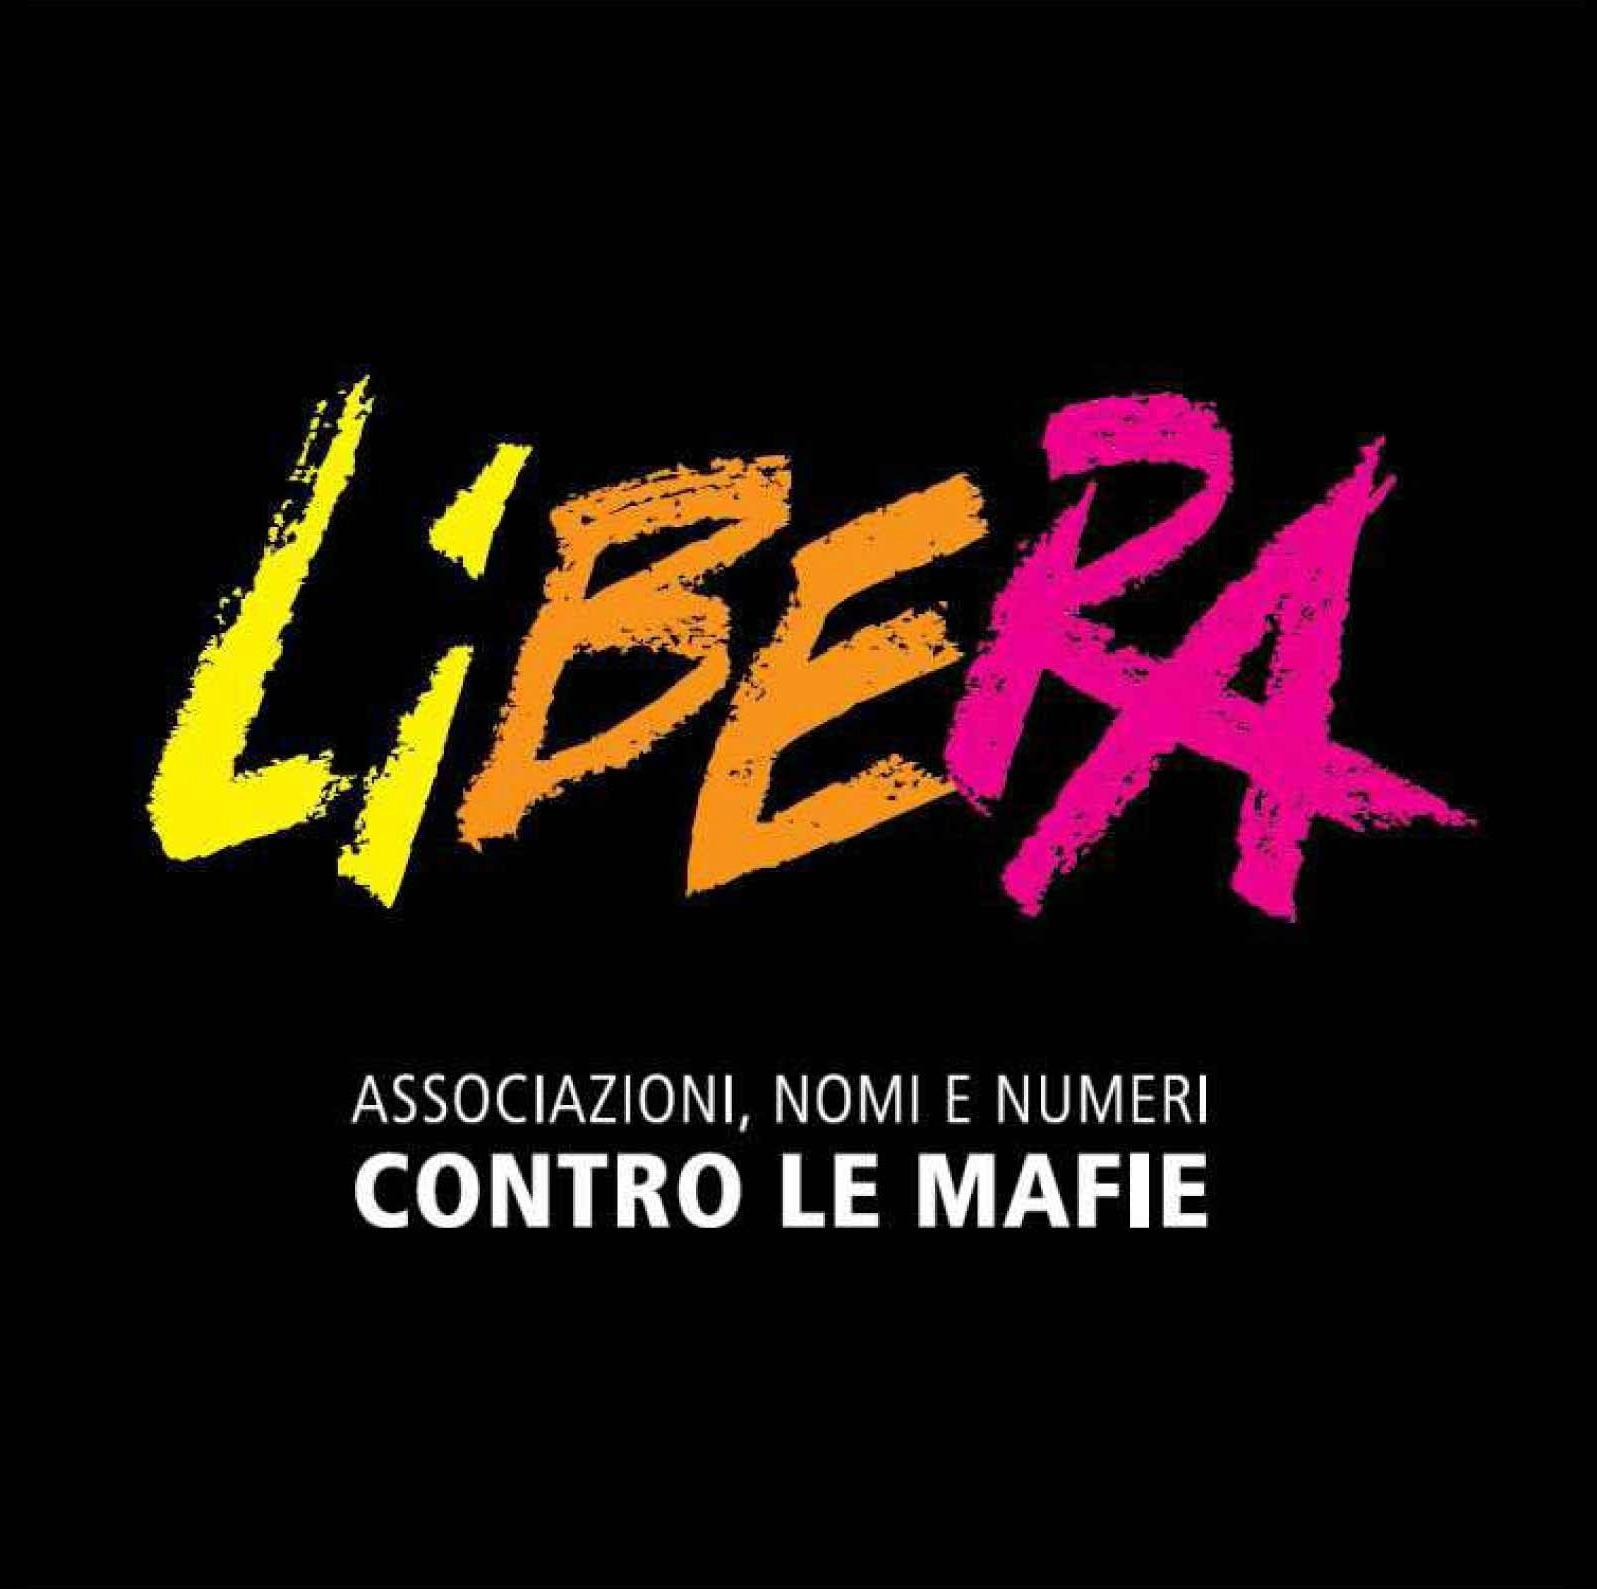 Libera inaugura a Napoli due nuovi presidi di legalità